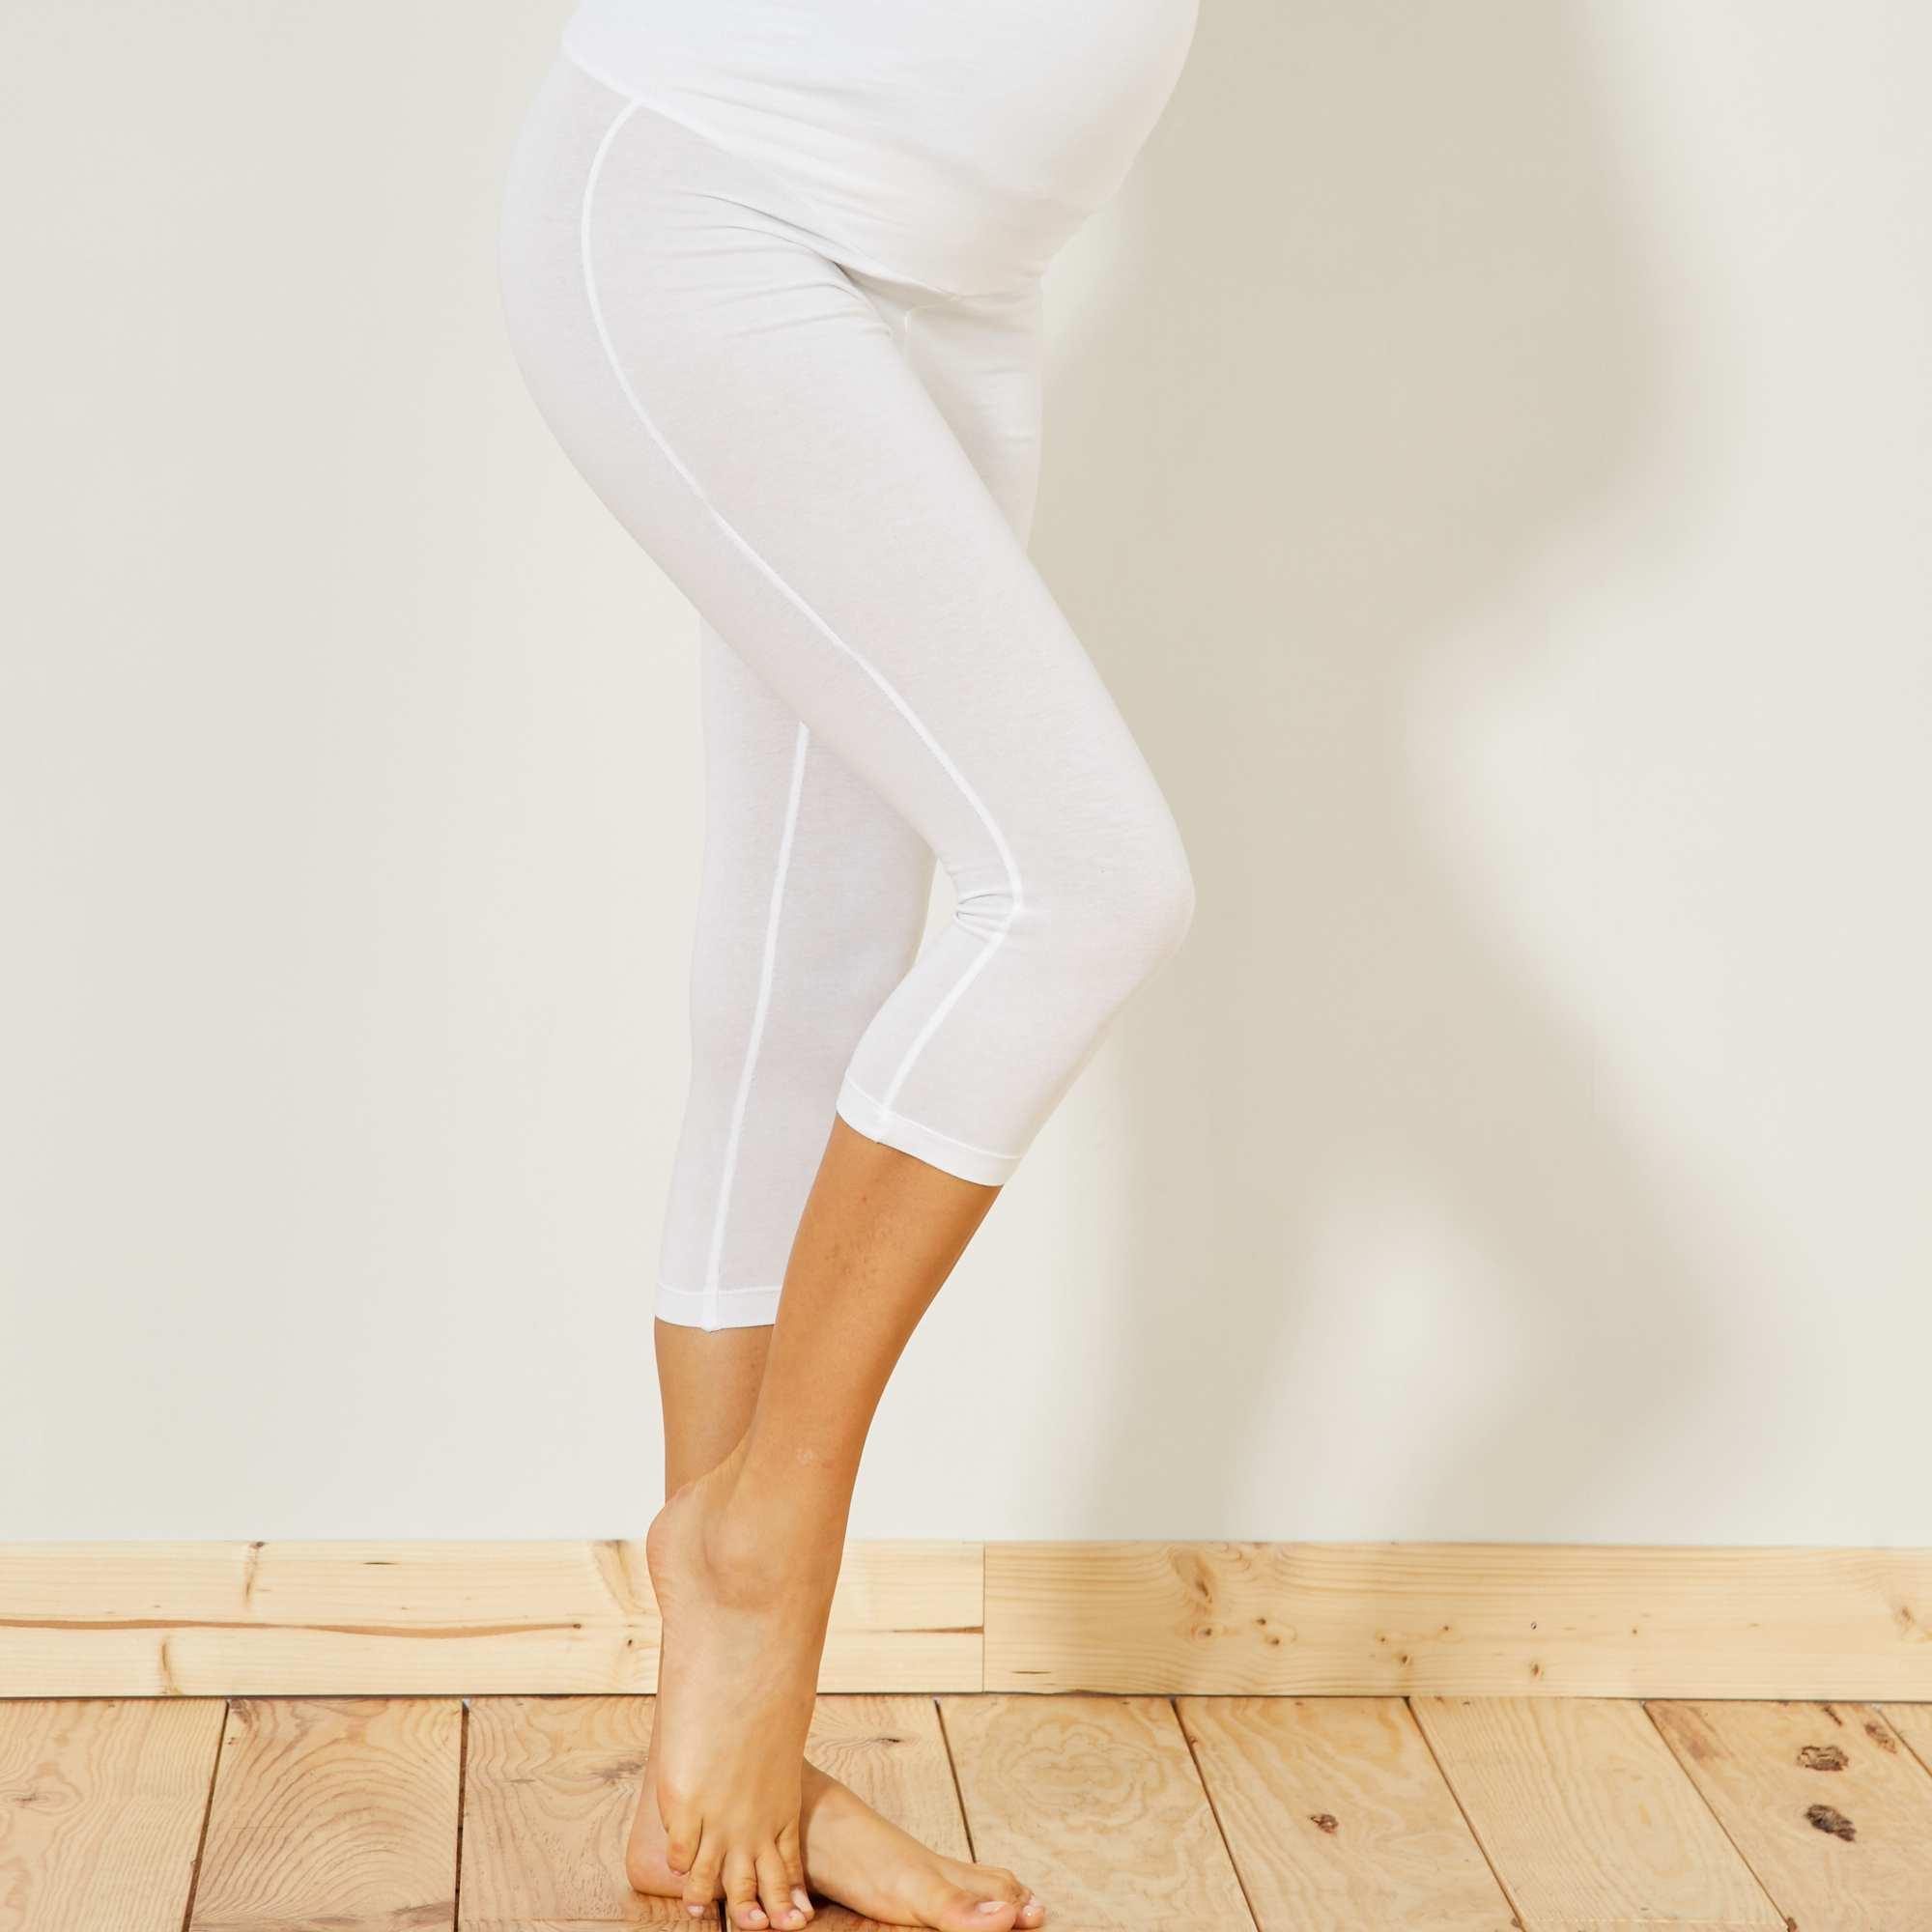 Couleur : blanc, noir, ,, - Taille : 46/48, 38/40, 50/52,42/44,34/36Mettez-vous à l'aise grâce au legging court en coton extensible, taille haute